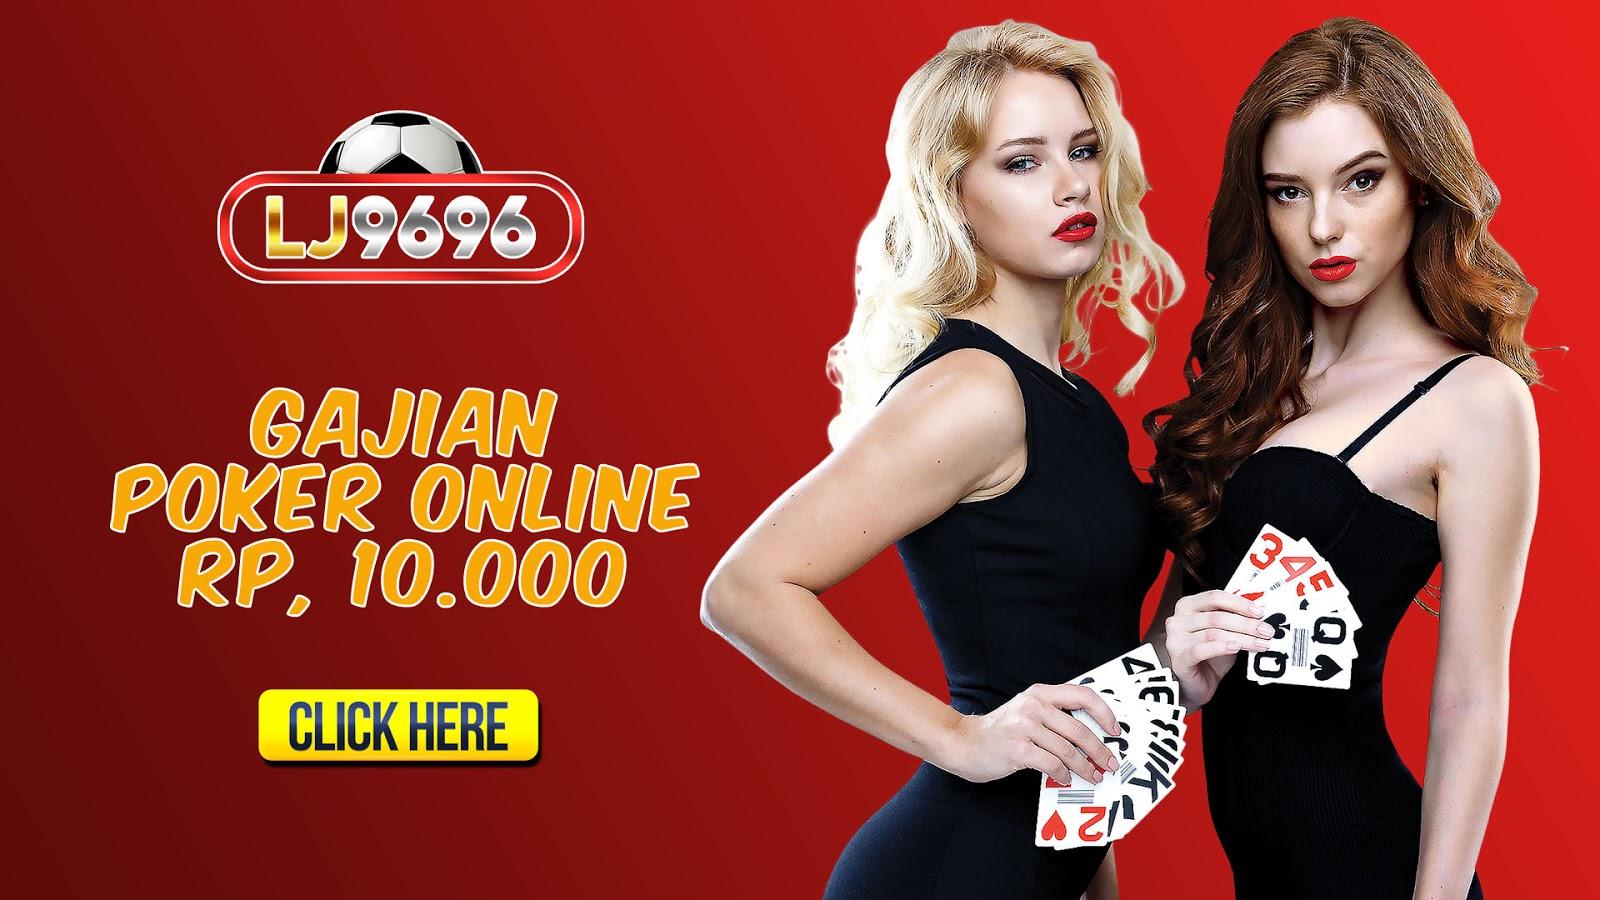 Promo & Bonus lj9696.com